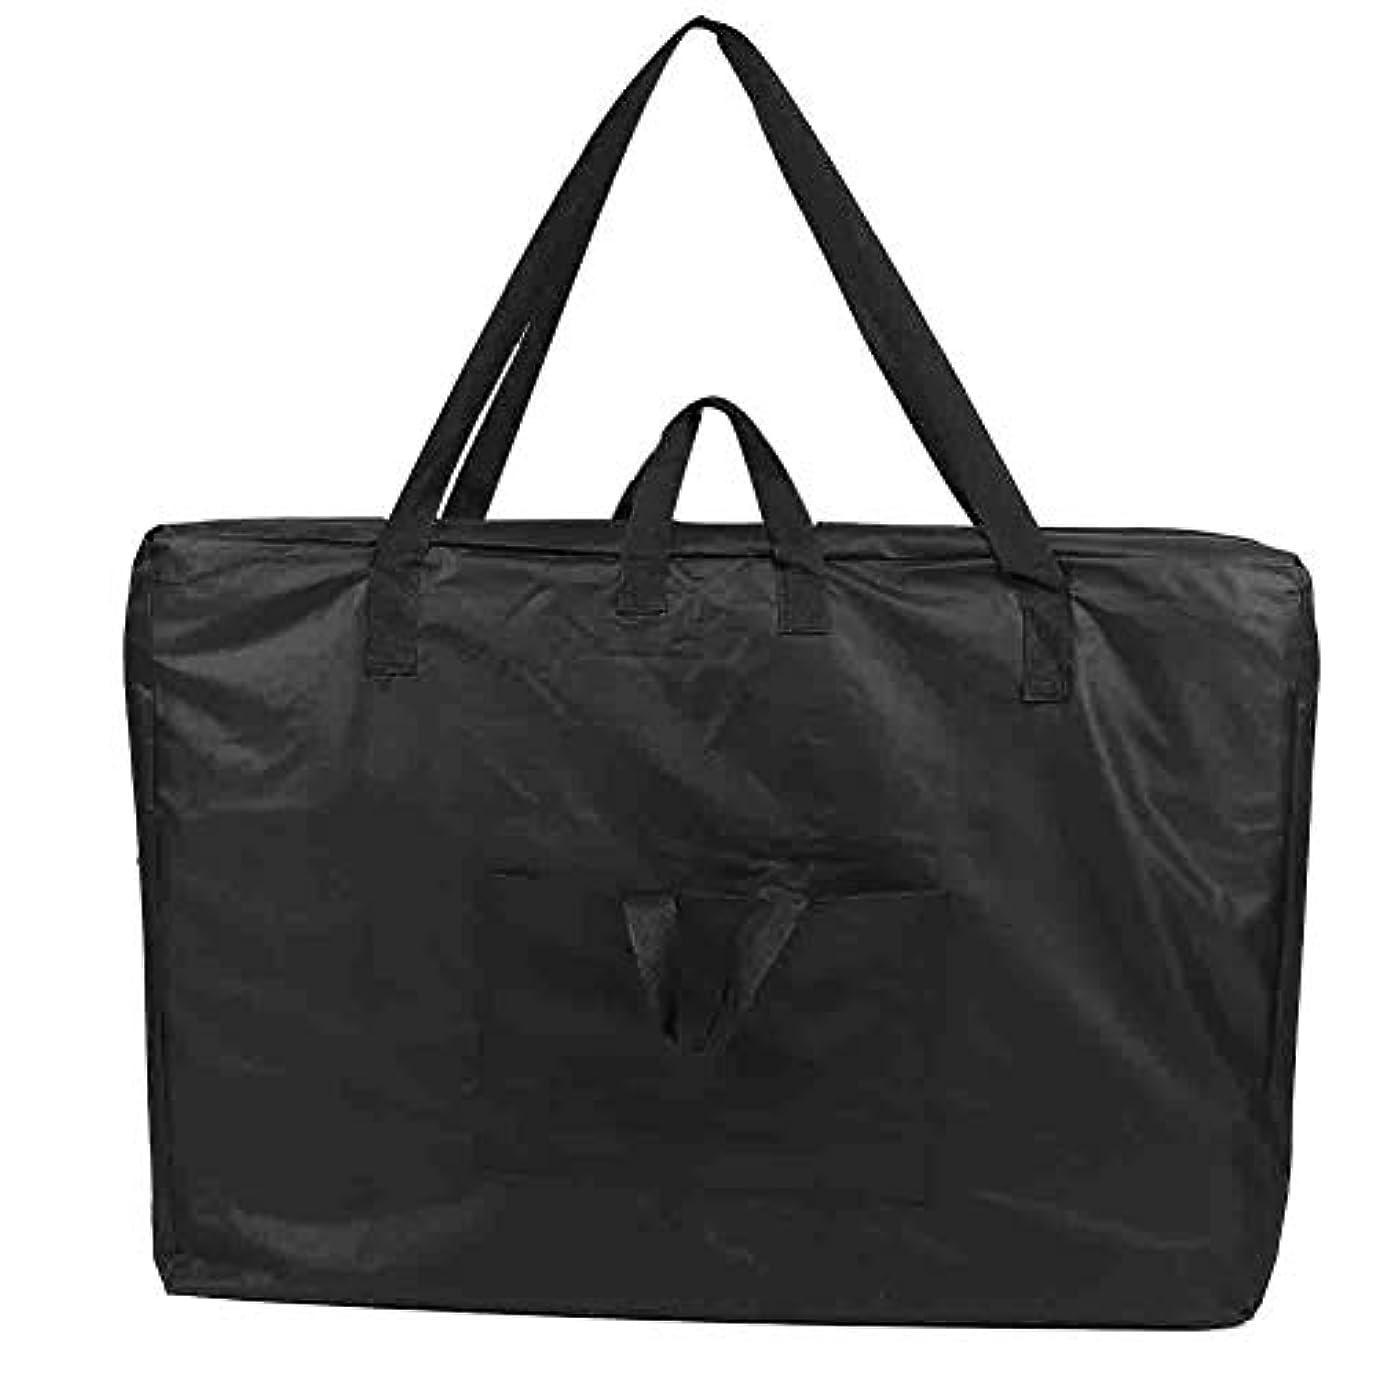 繊細倫理的に関してlポータブルスパテーブルマッサージベッドキャリングバッグ